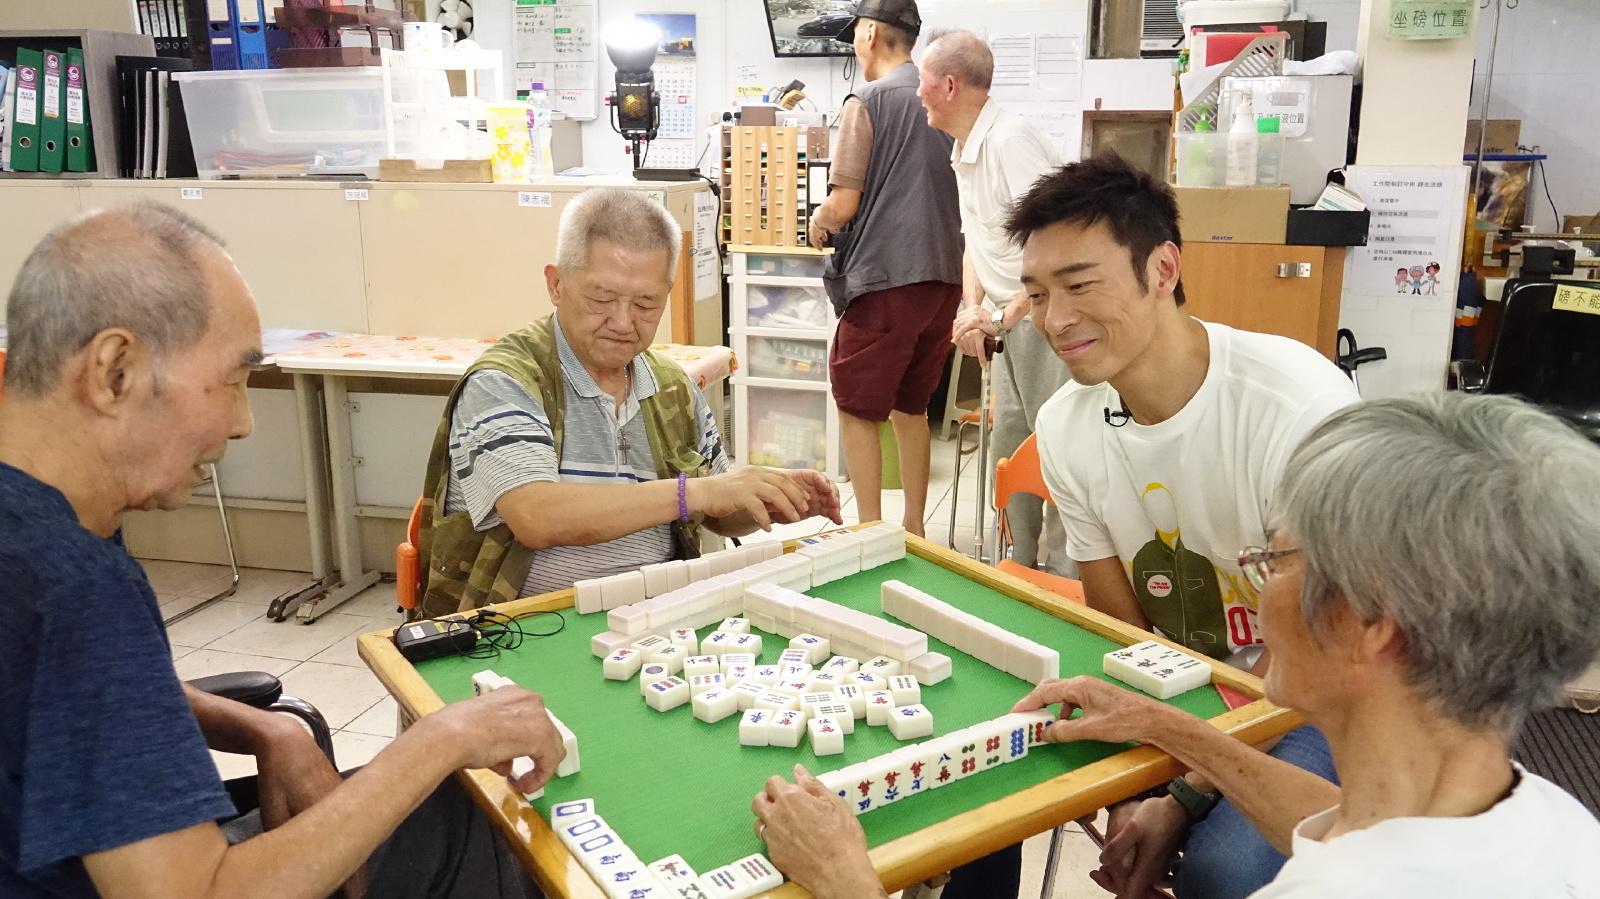 安仔同幾位老友記一同打麻雀。